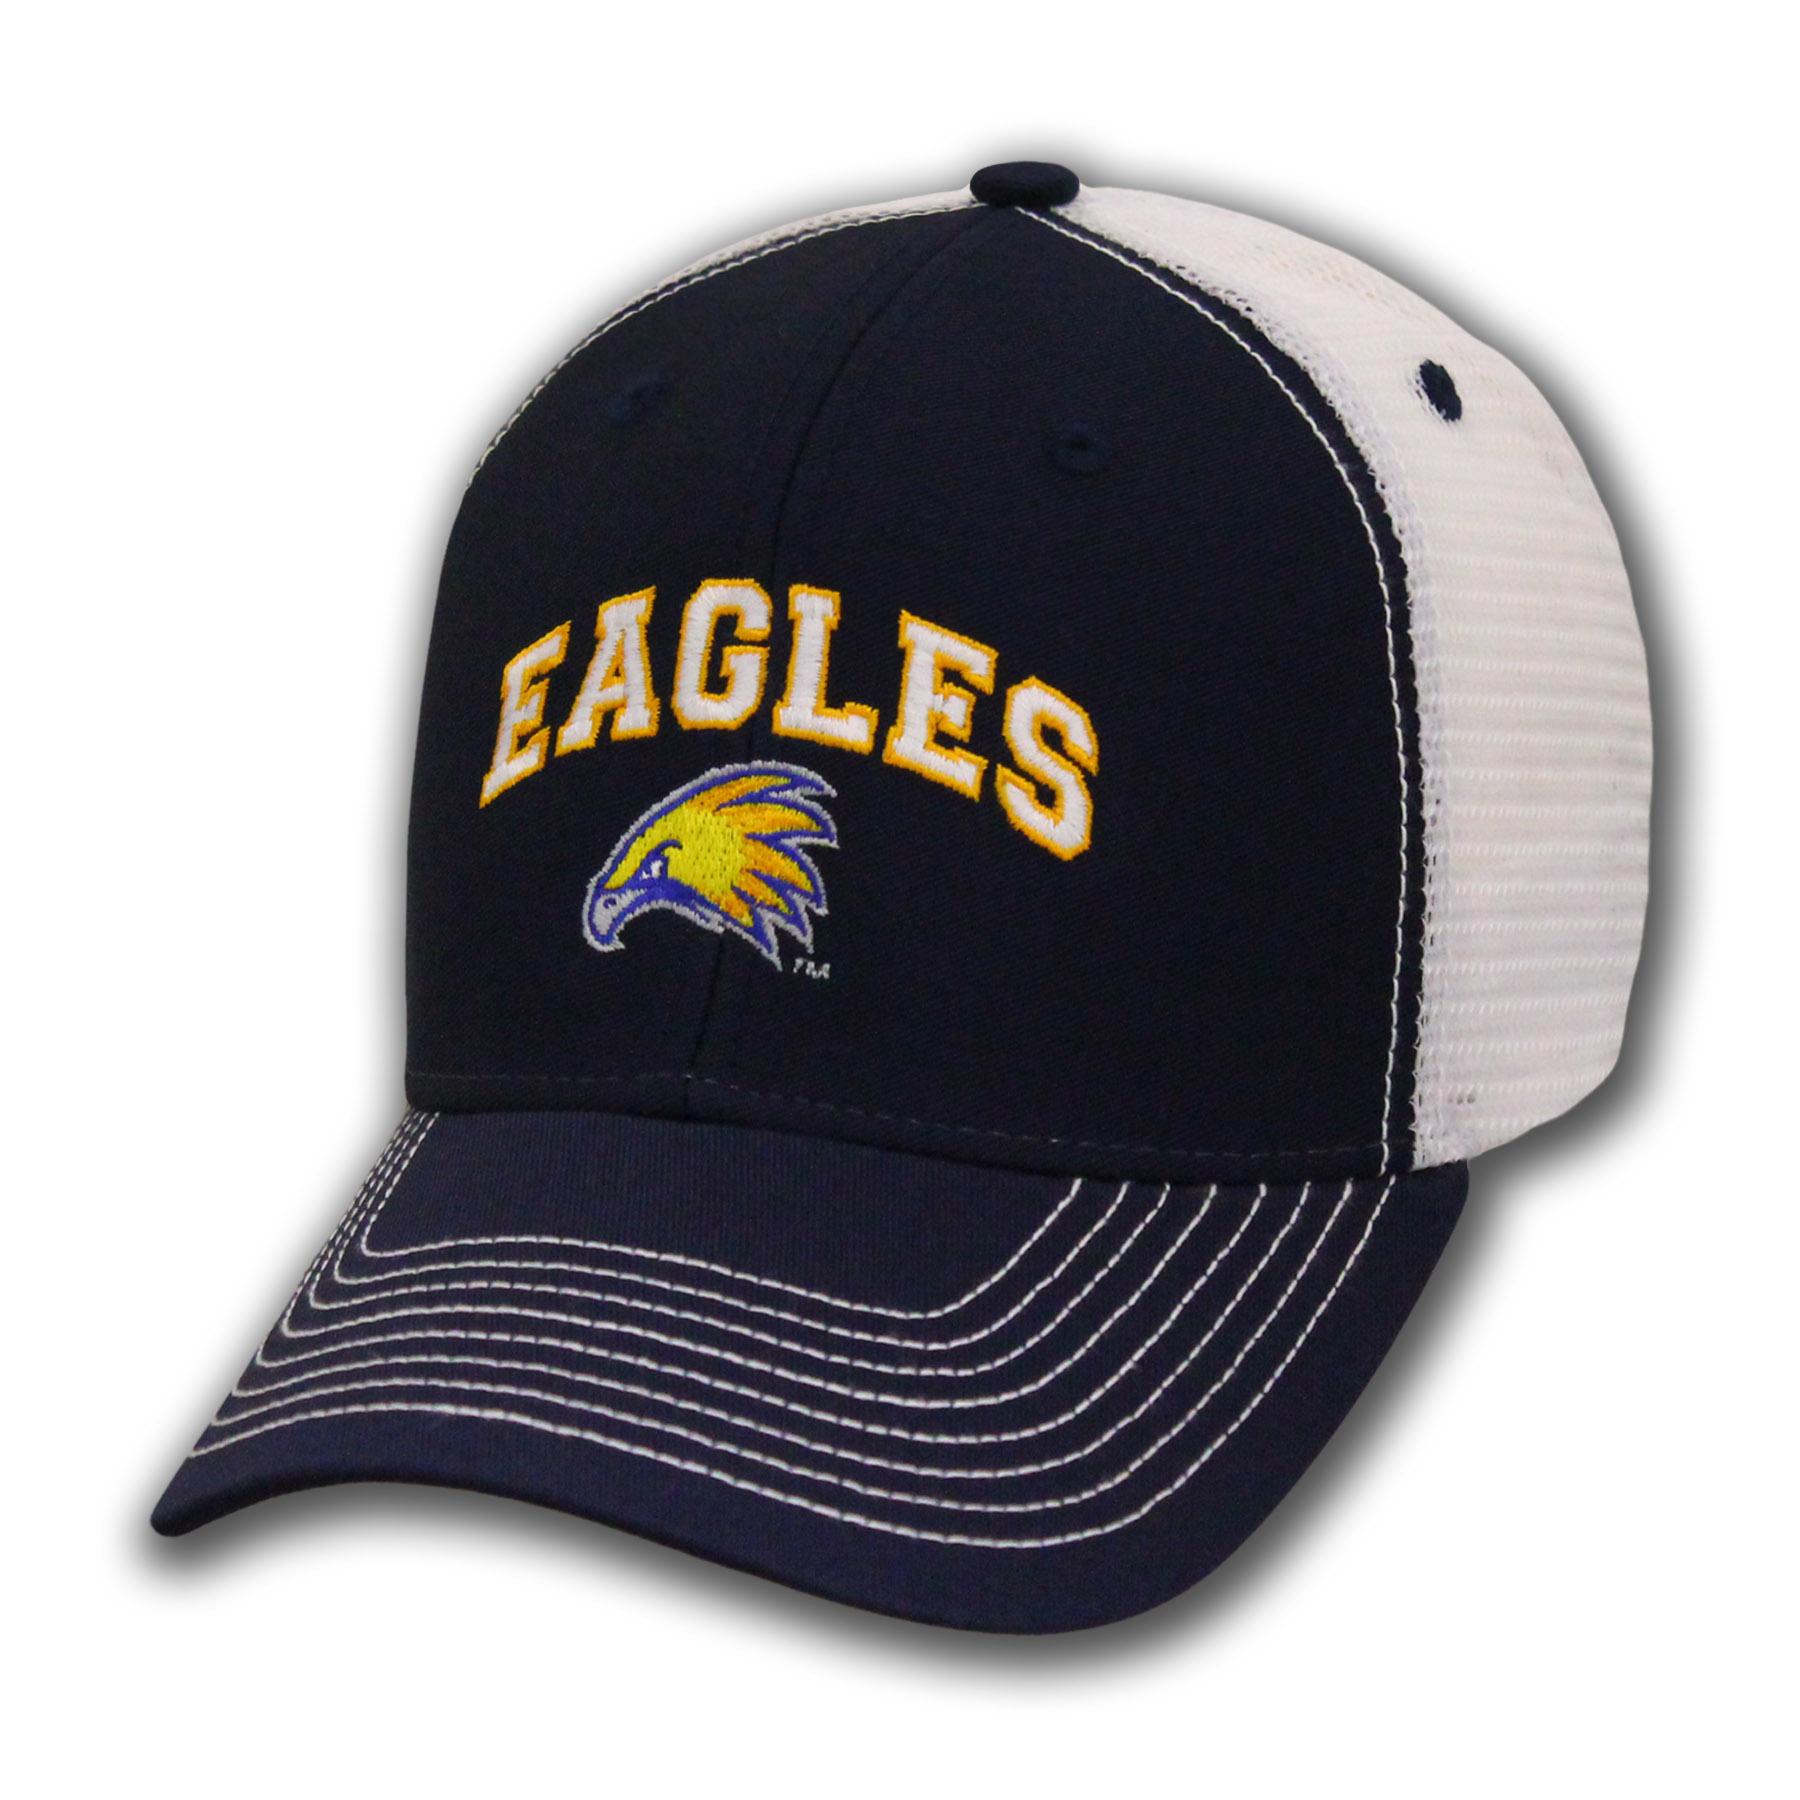 Eagles Sideline Cap